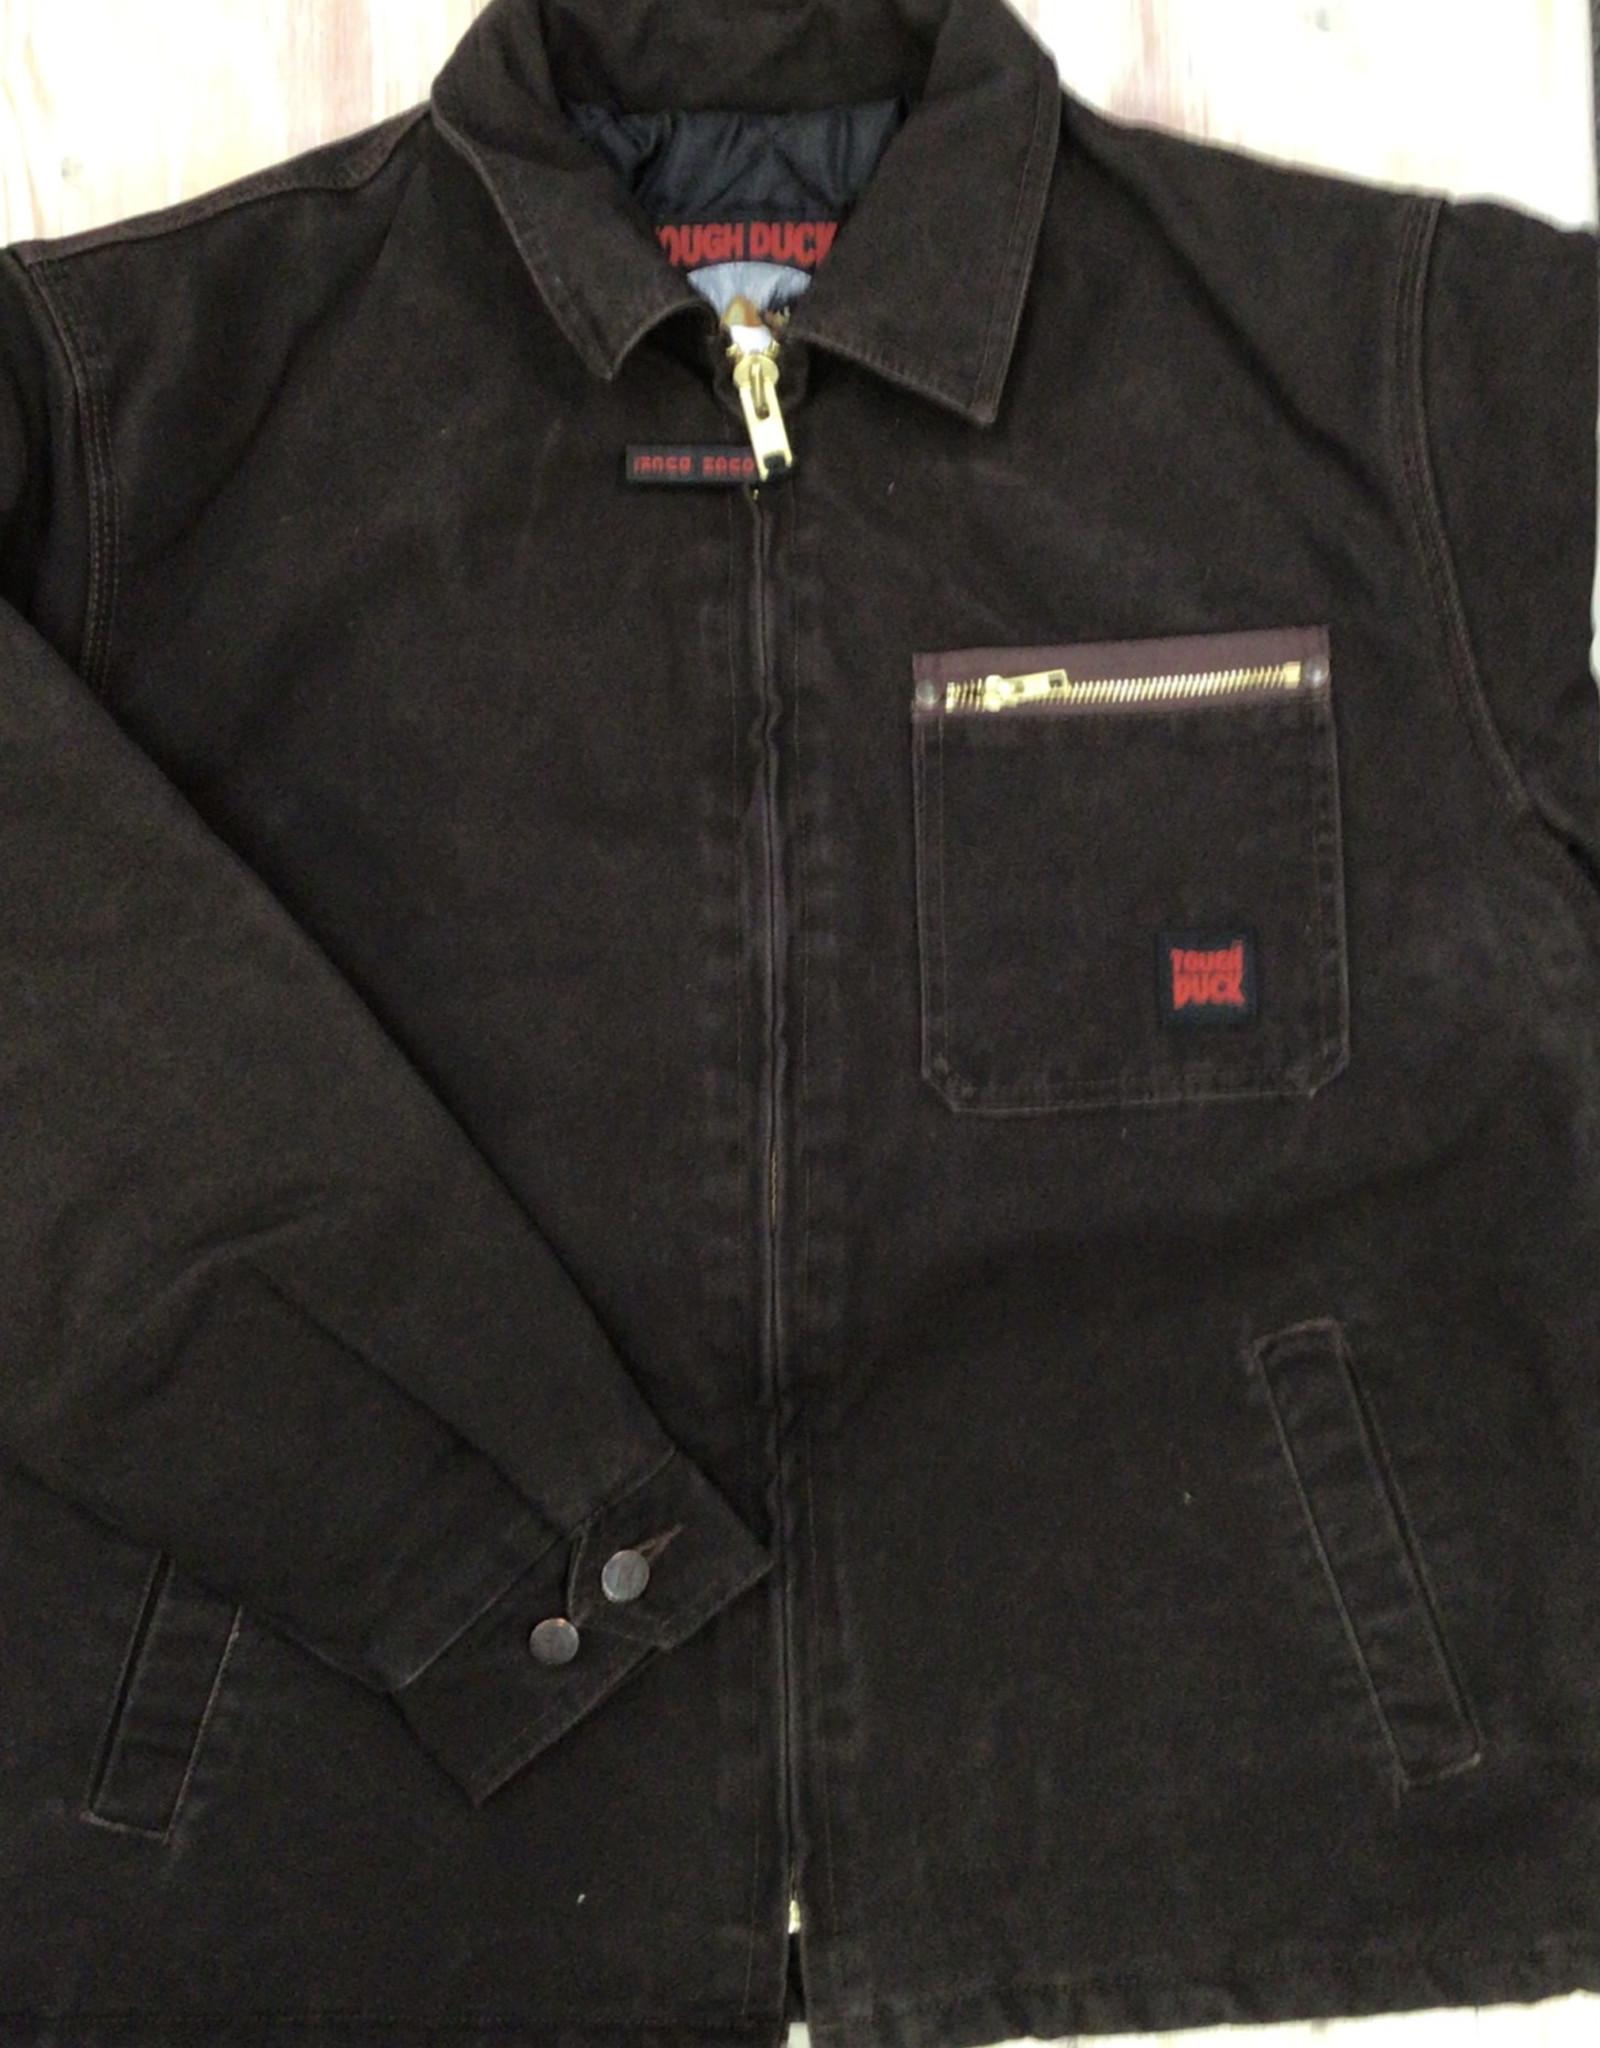 Tough Duck Tough Duck 213716 Chore Jacket Men's